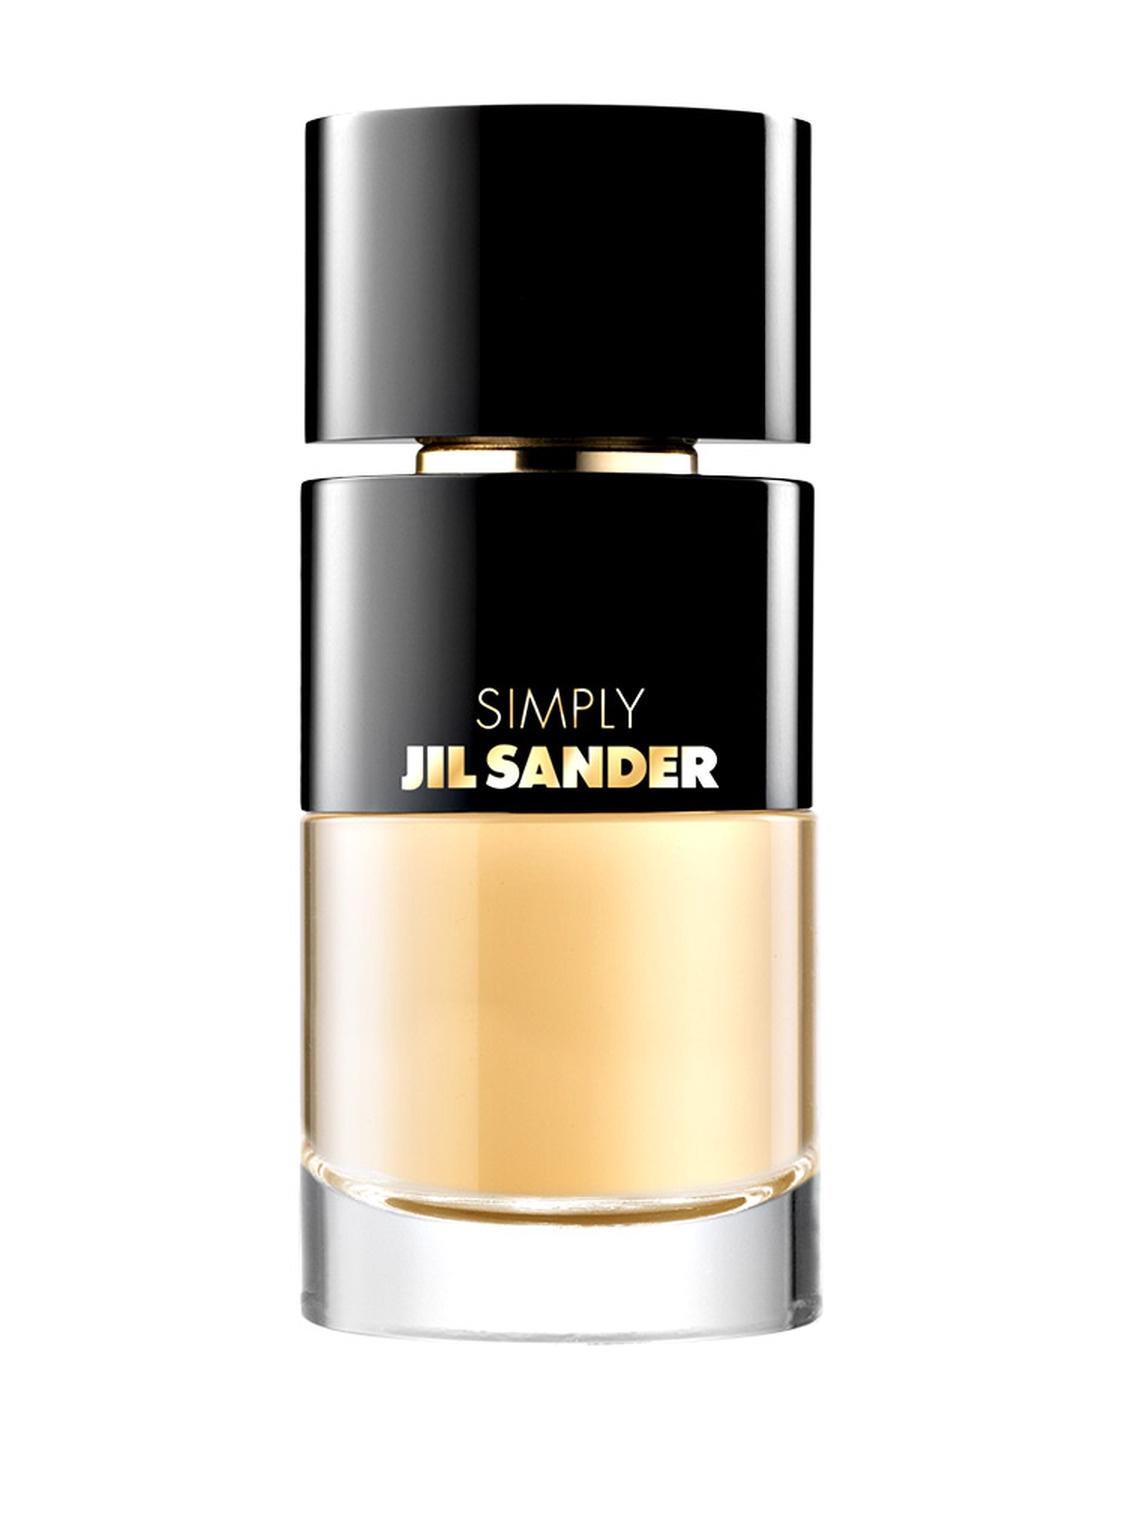 Jil Sander Simply parfémová voda